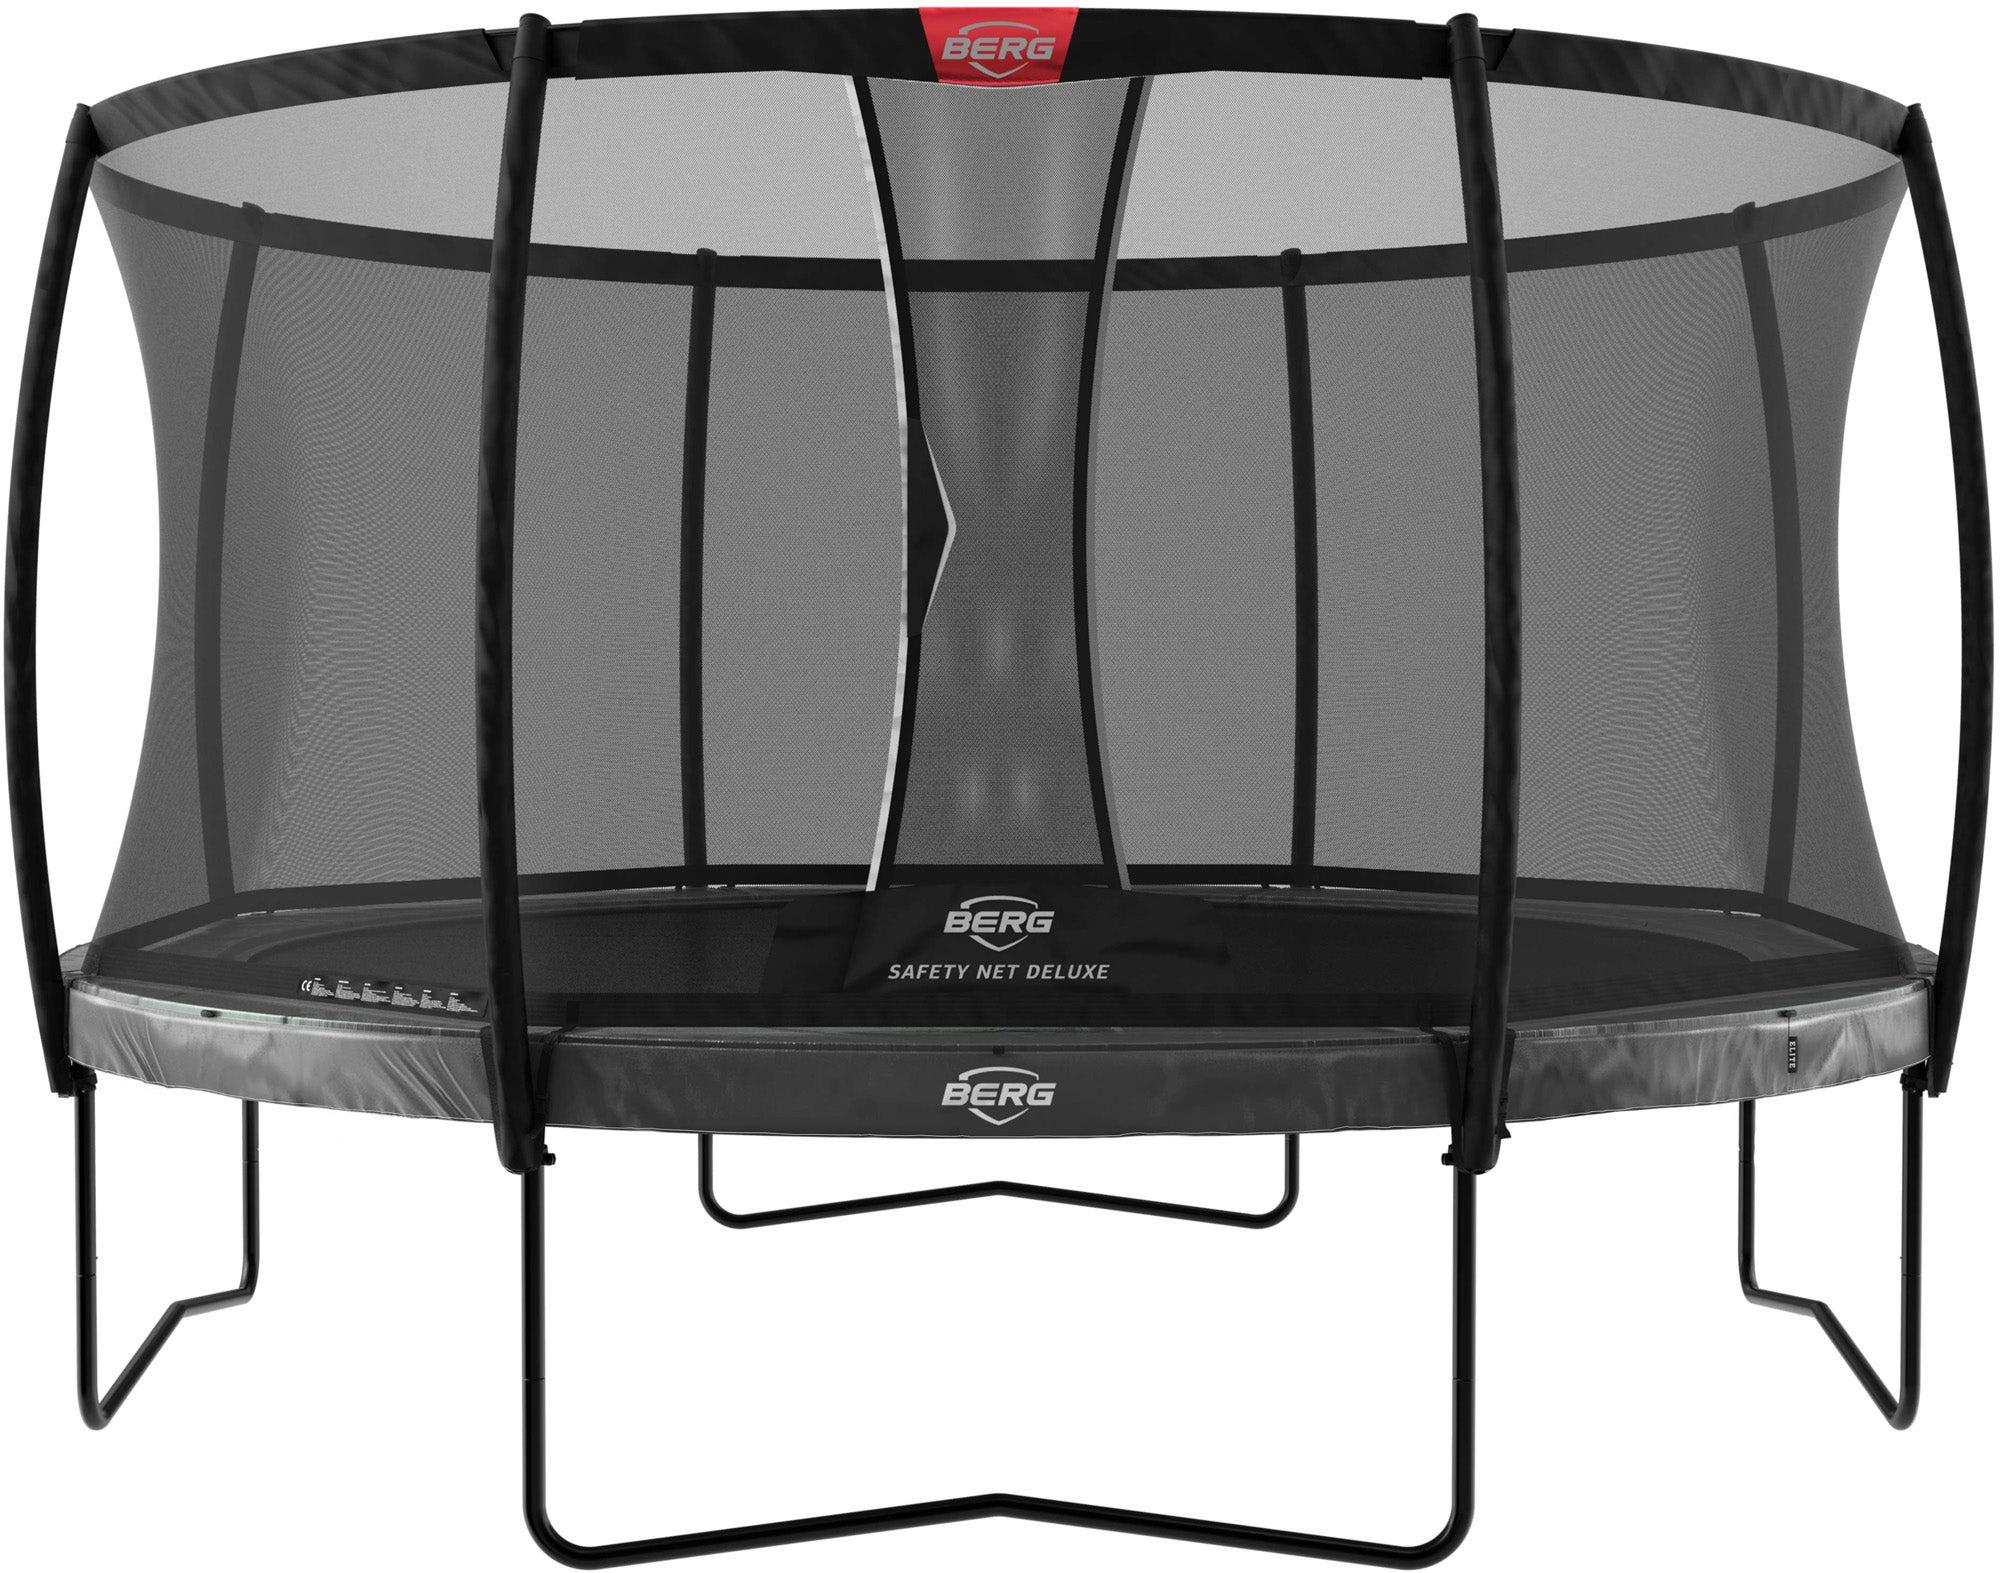 BERG Elite Regular Studsmatta 380 inkl Deluxe Säkerhetsnät, Grå